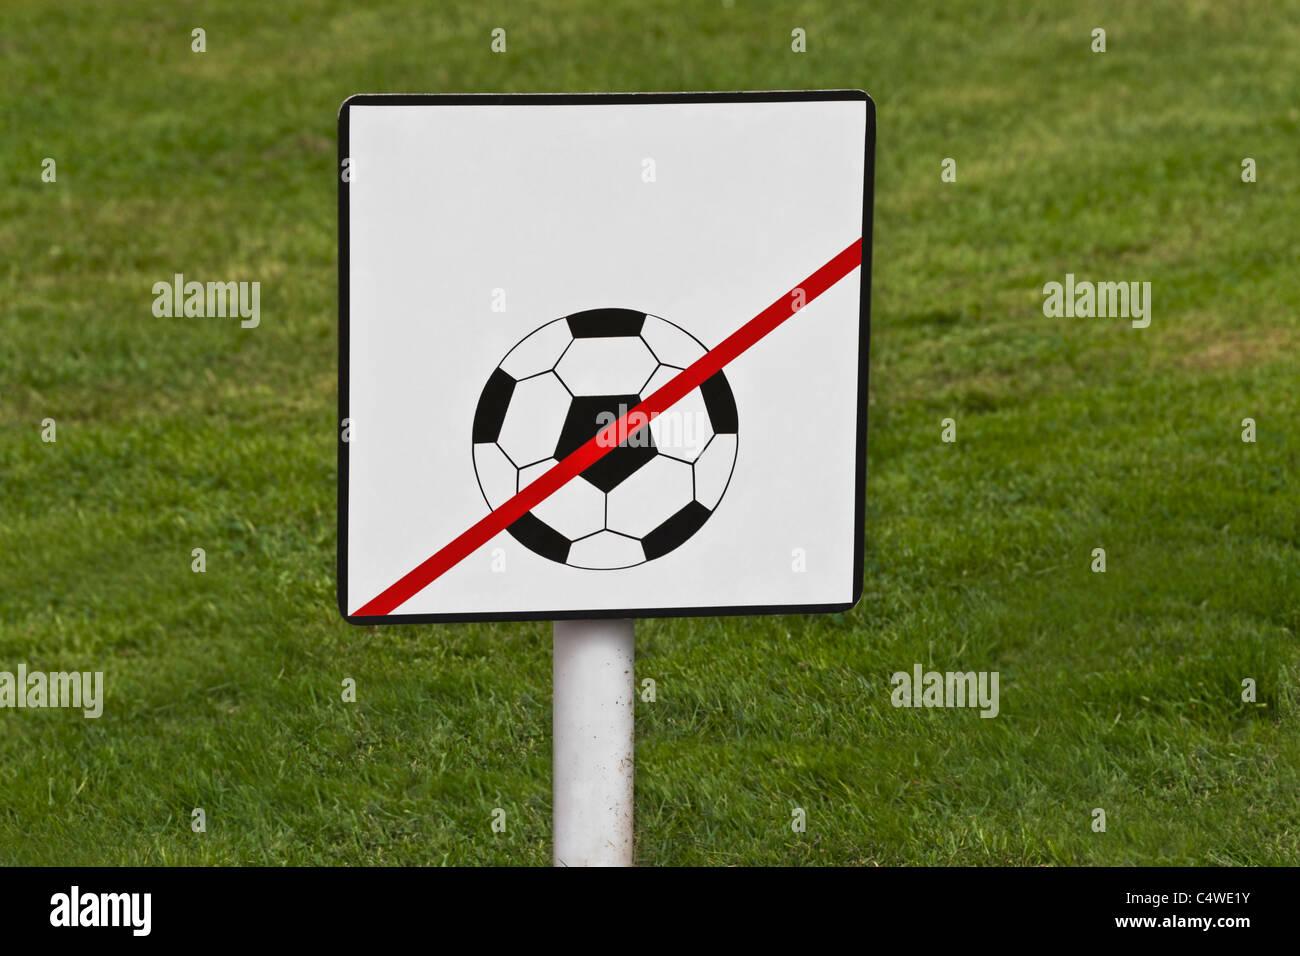 Ball spielen verboten   ball play forbidden - Stock Image